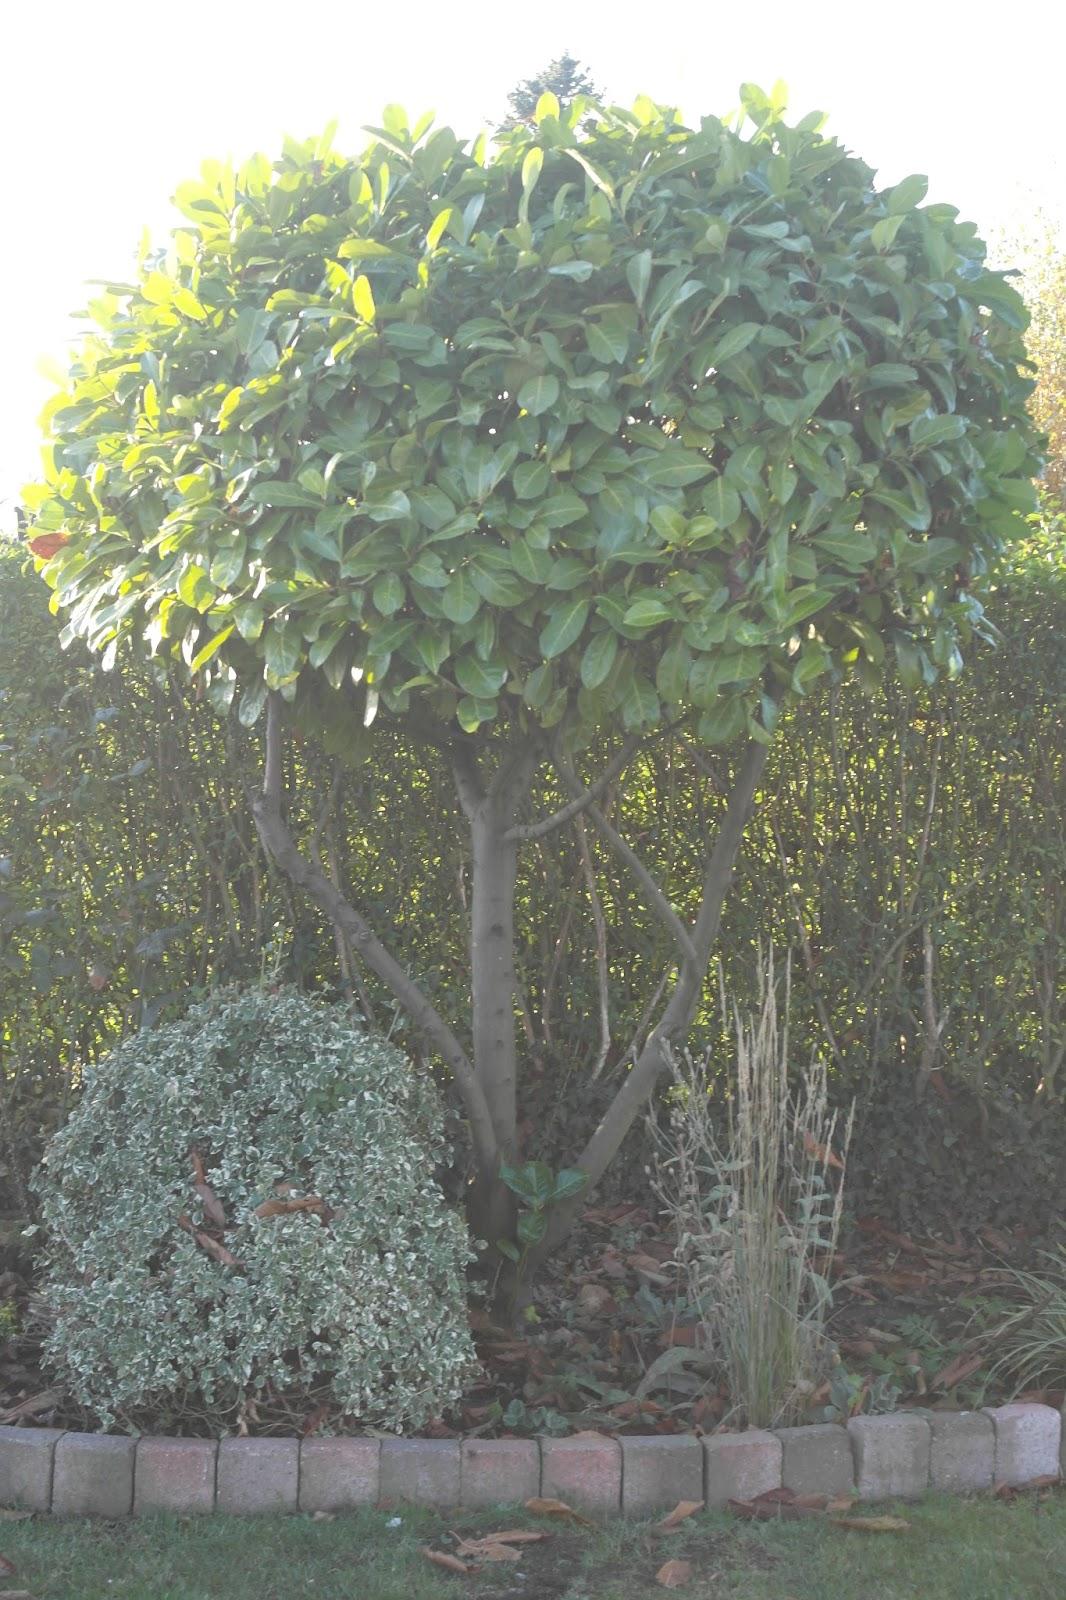 mit lille gods: De dejlige stedsegrønne planter i haven...........også med blomst